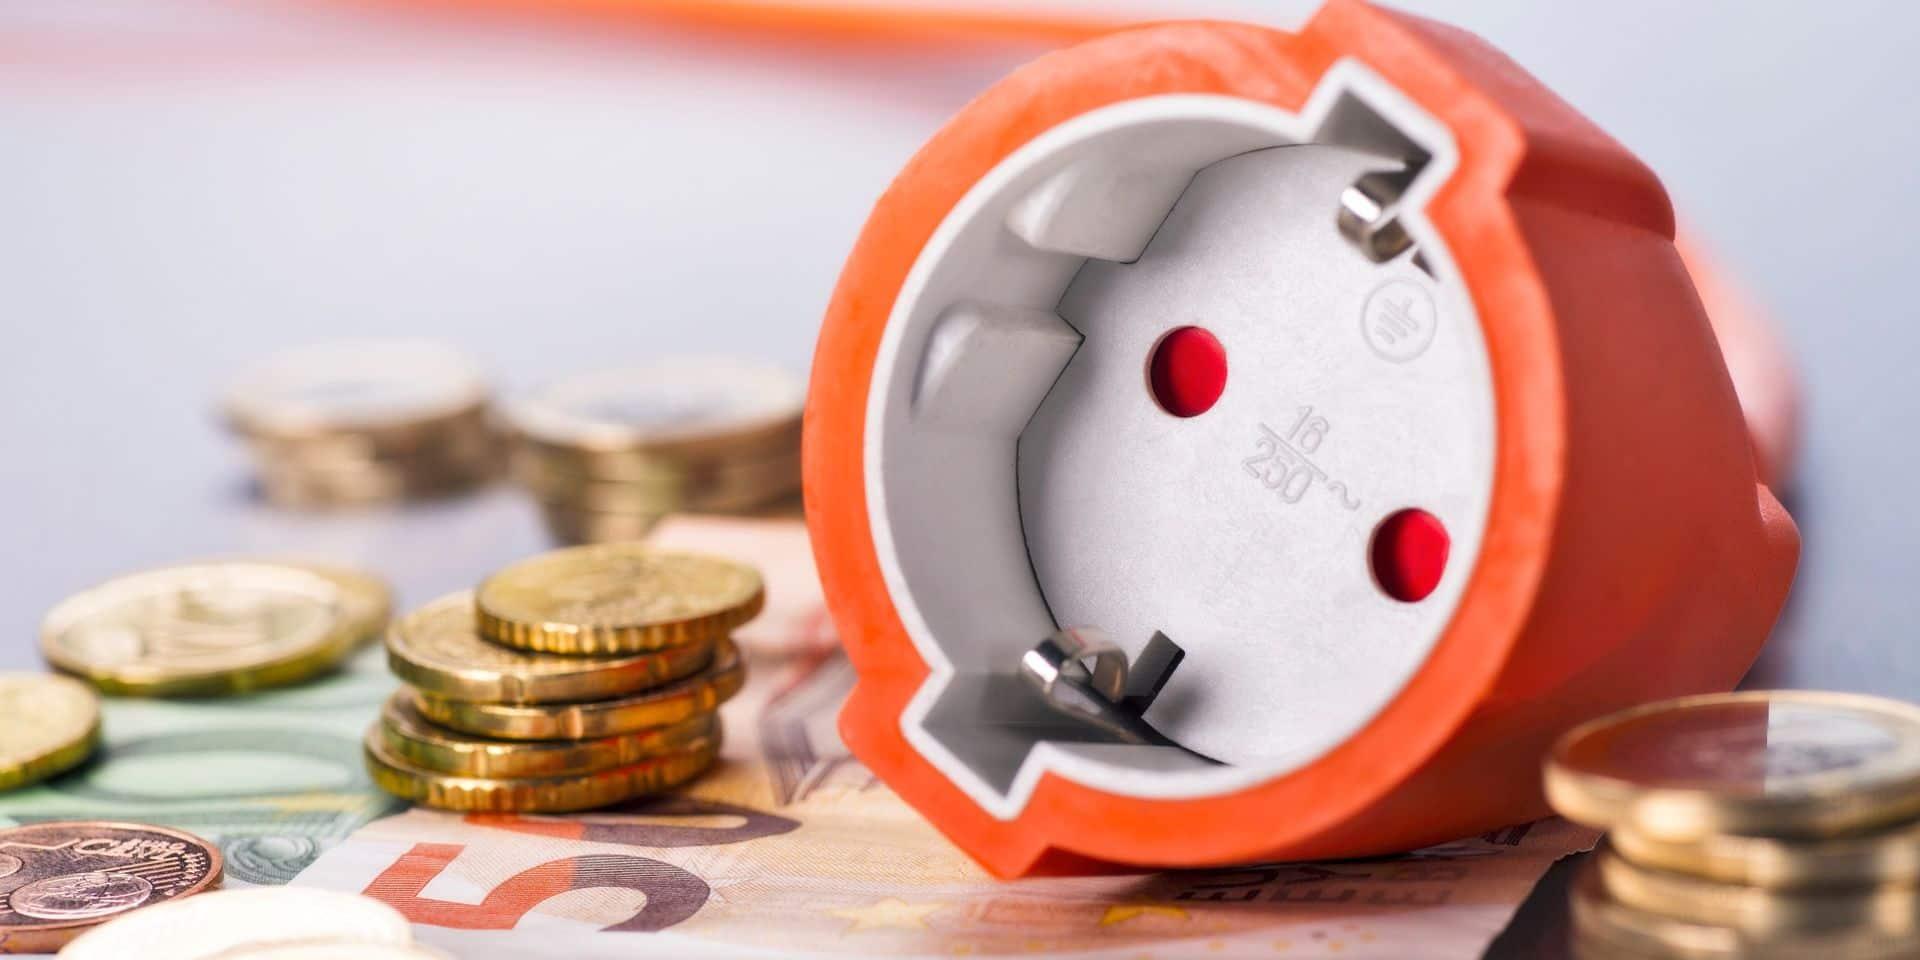 Quels sont les fournisseurs d'énergie les plus chers ?